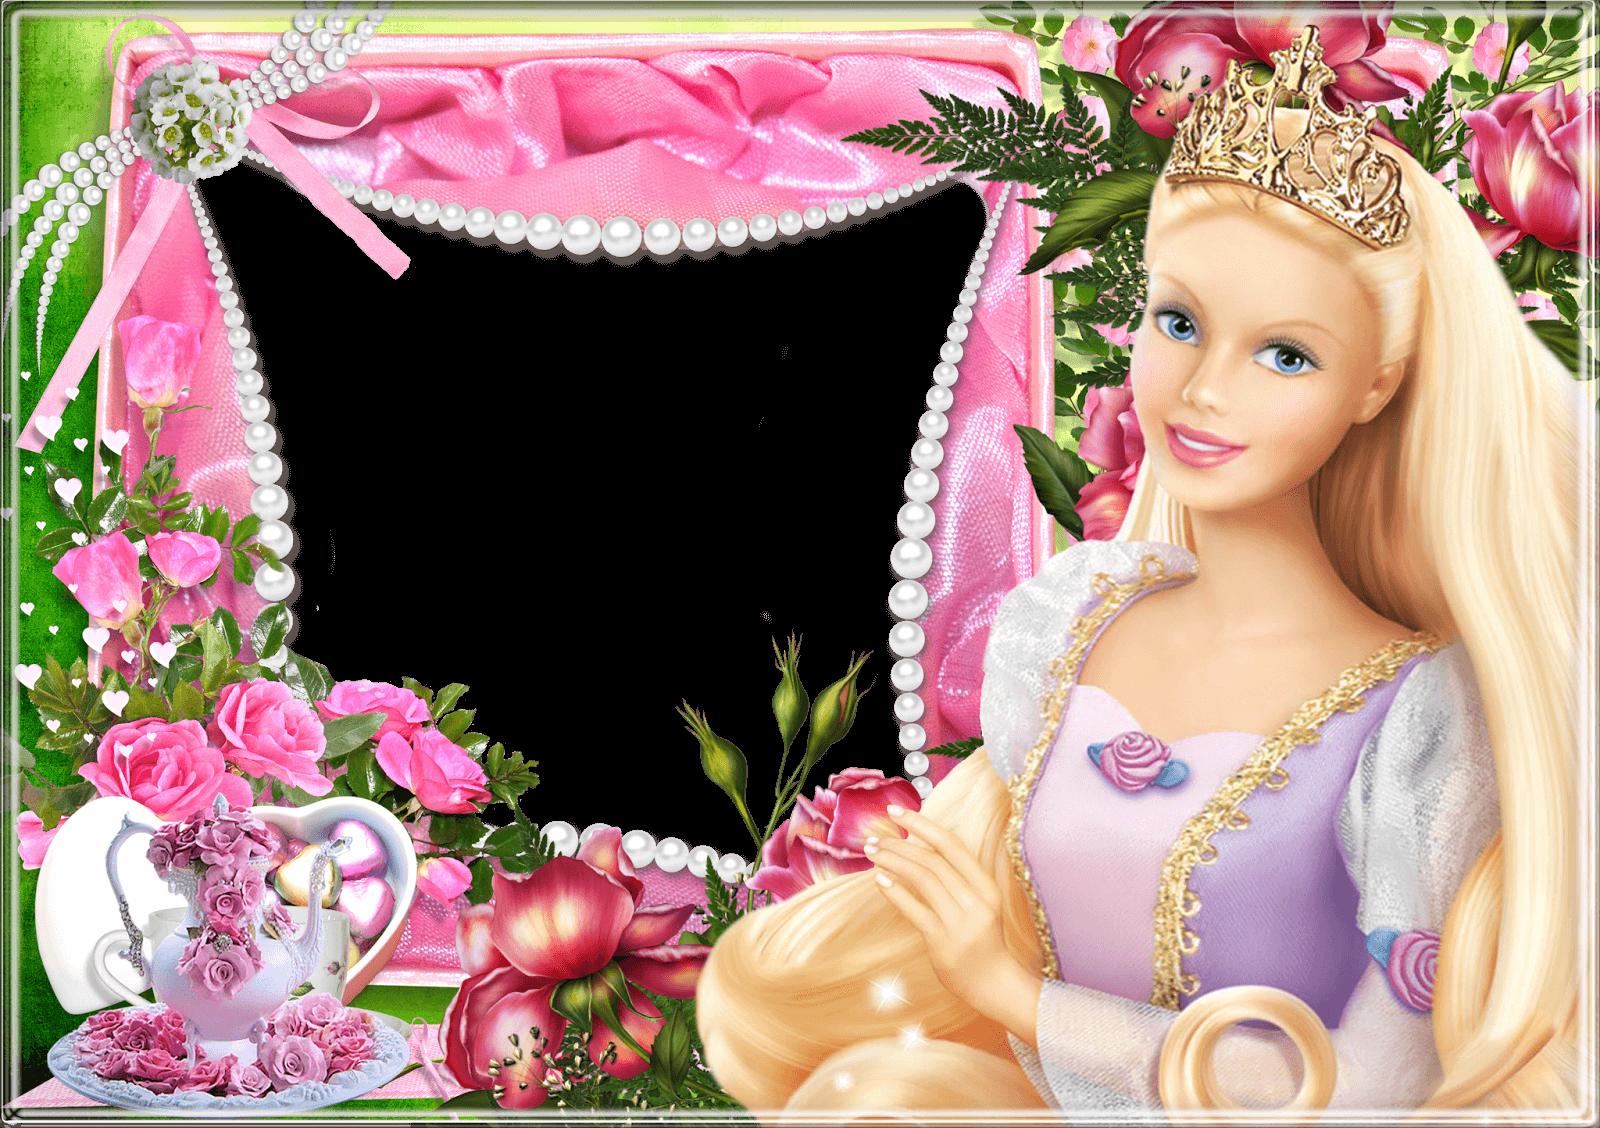 DESCARGA YA! Marco de Barbie | Descargar Marcos